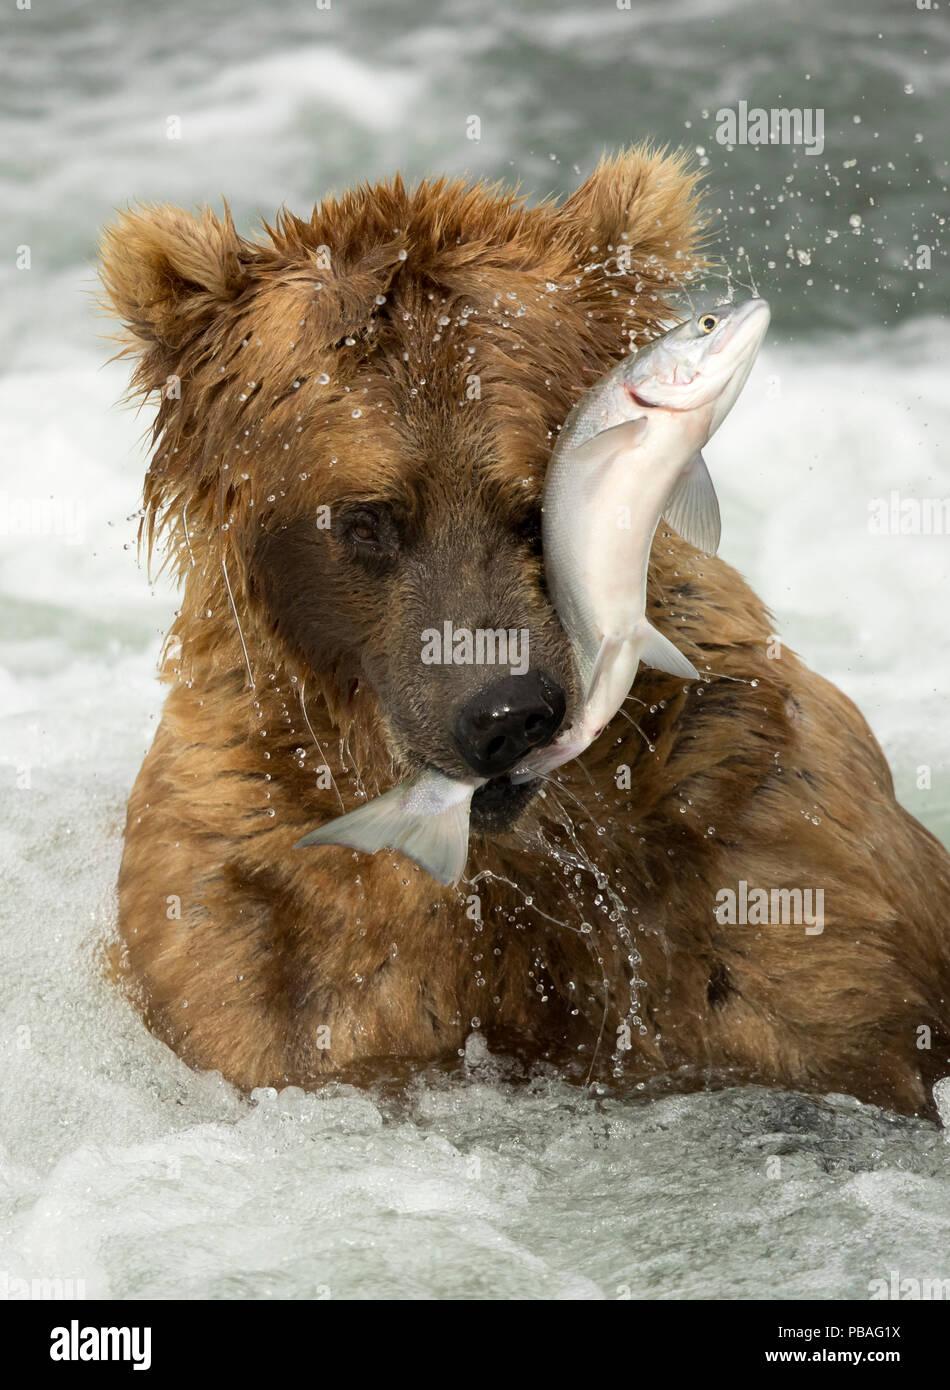 Grizzly bear (Ursus arctos) catching a fish, Brooks Falls in Katmai National Park, Alaska, USA, July Stock Photo